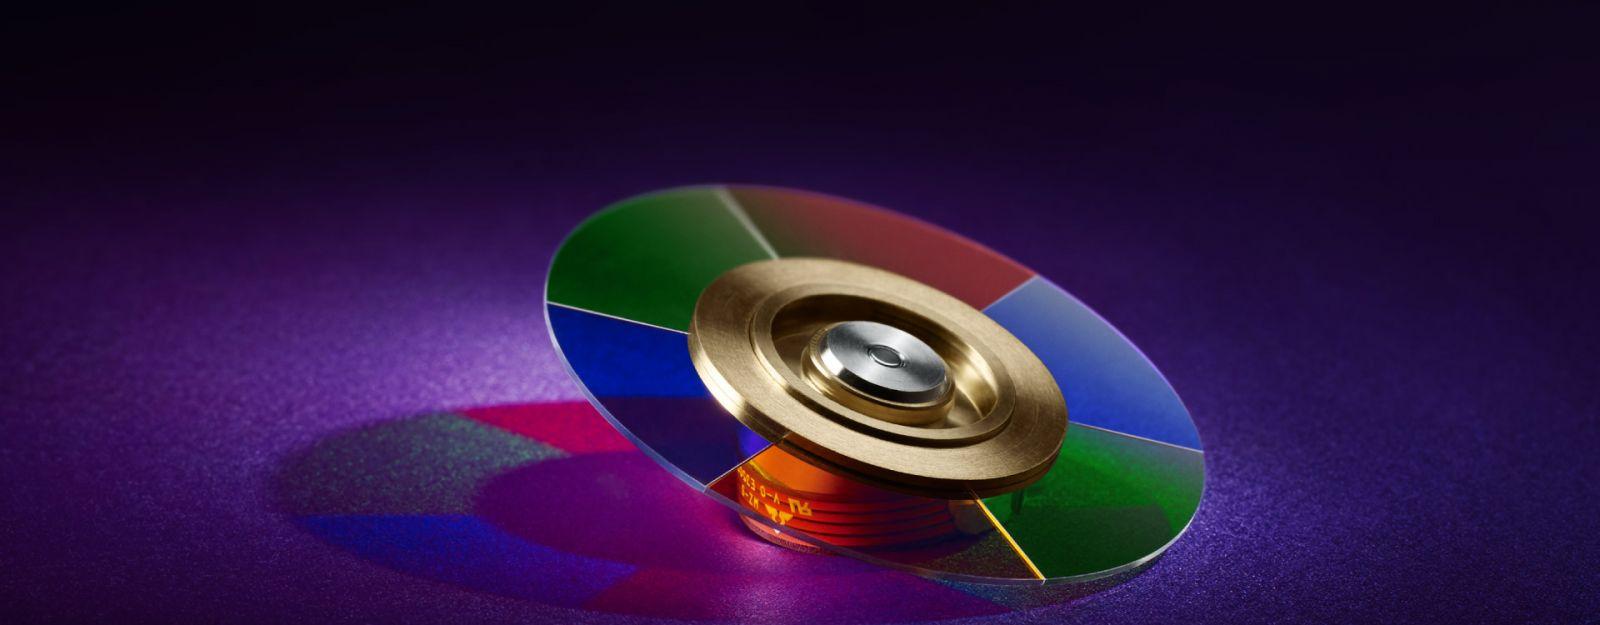 Bir projektör seçerken en önemli faktörlerden biri renk doğruluğudur.